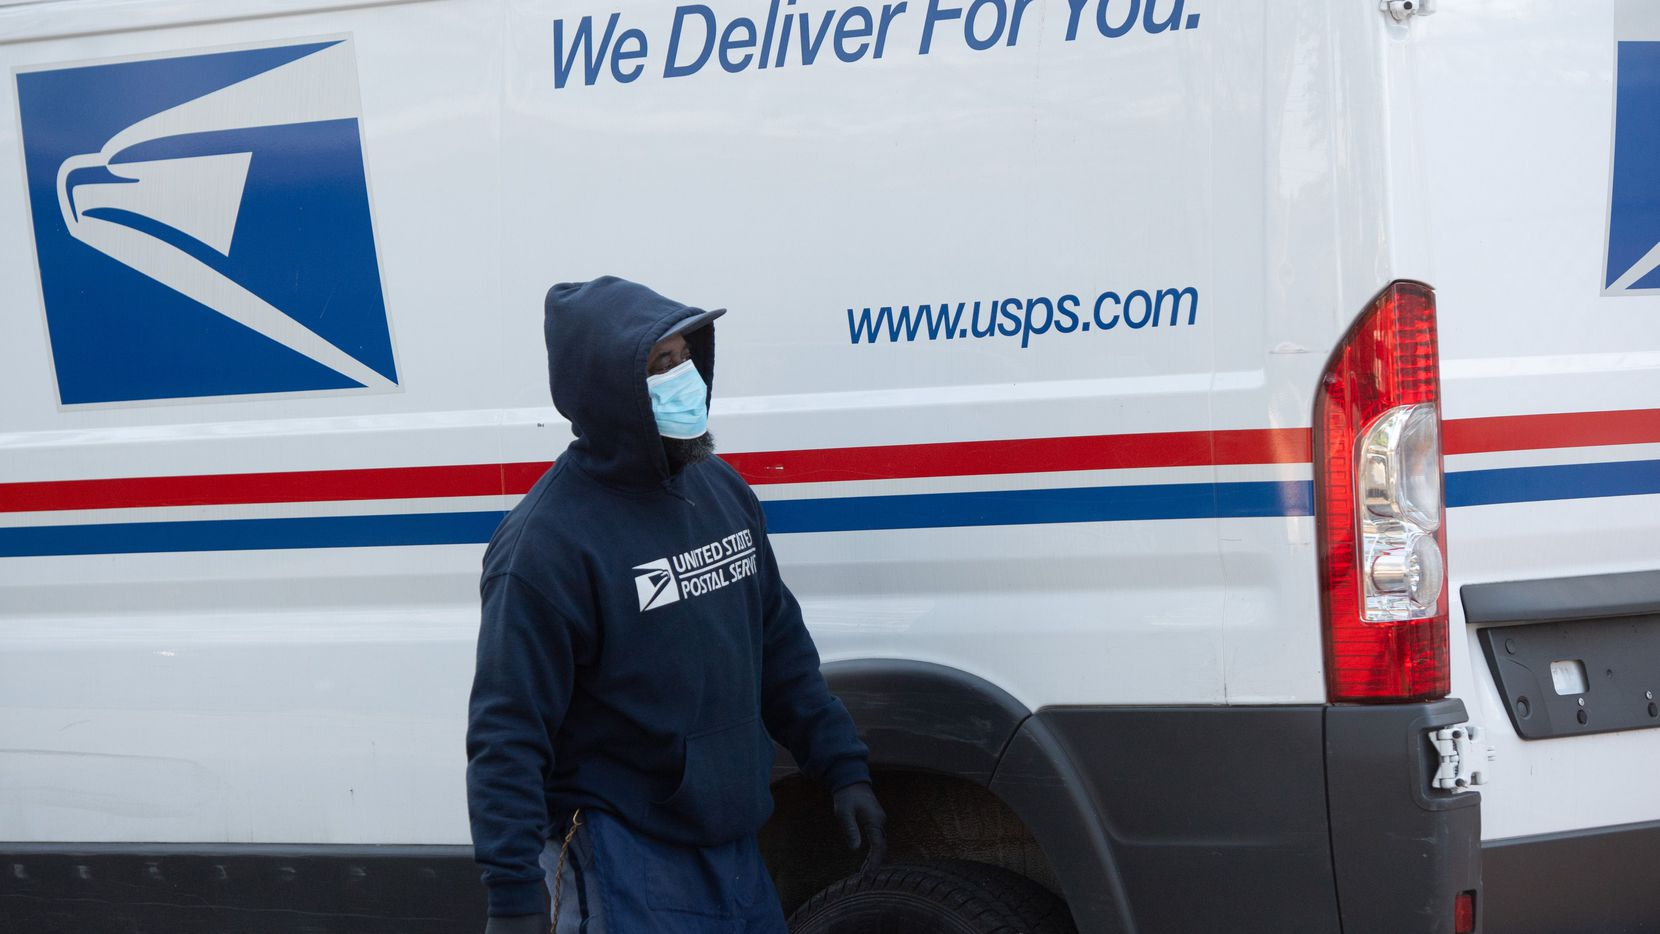 USPS continúa preparándose para otra temporada festiva ocupada, a medida que las compras y los envíos en línea continúan aumentando y el crecimiento de los paquetes se expande.